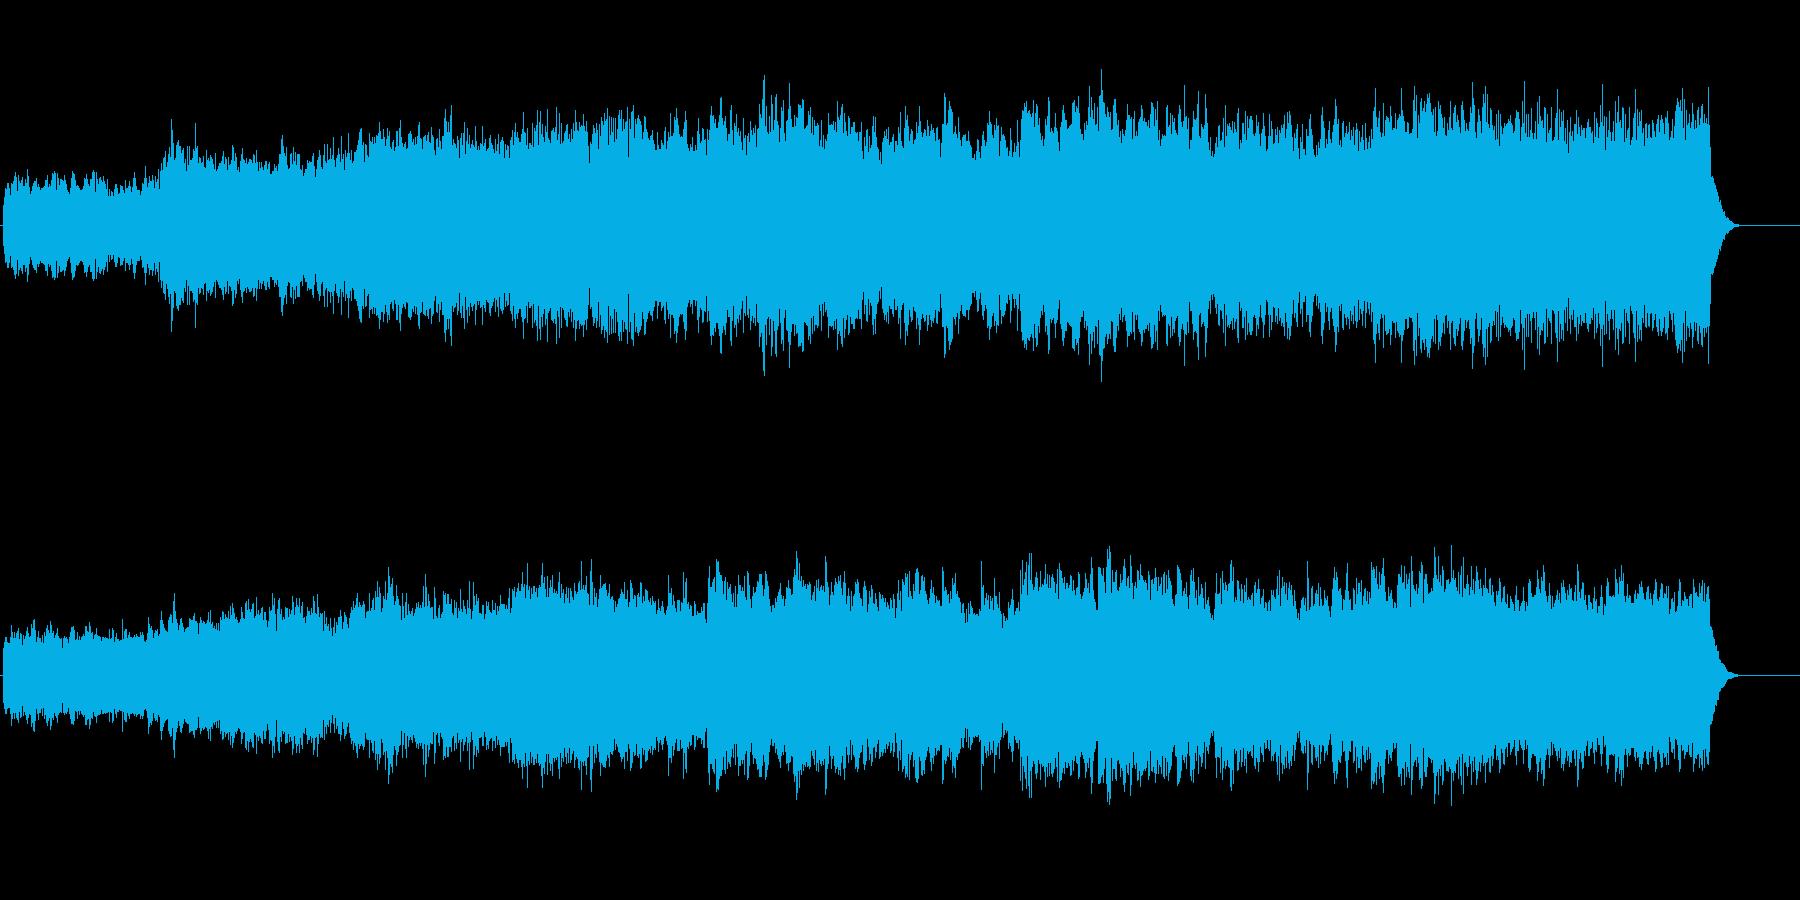 パイプオルガンの幻想的なオリジナルの再生済みの波形